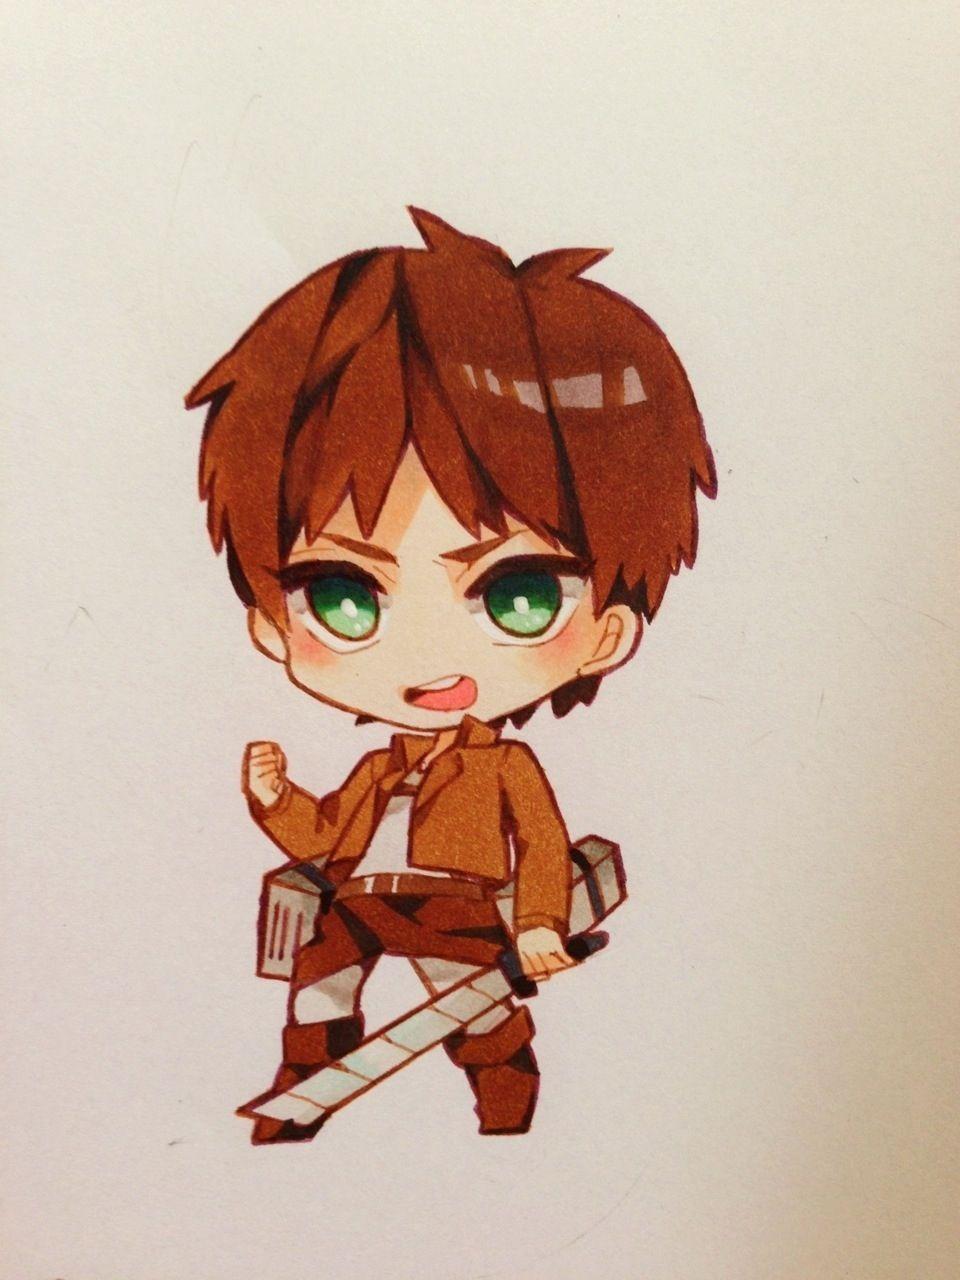 Eren Jaeger - Attack on Titan - Anime Chibi | ANIME | Pinterest ...